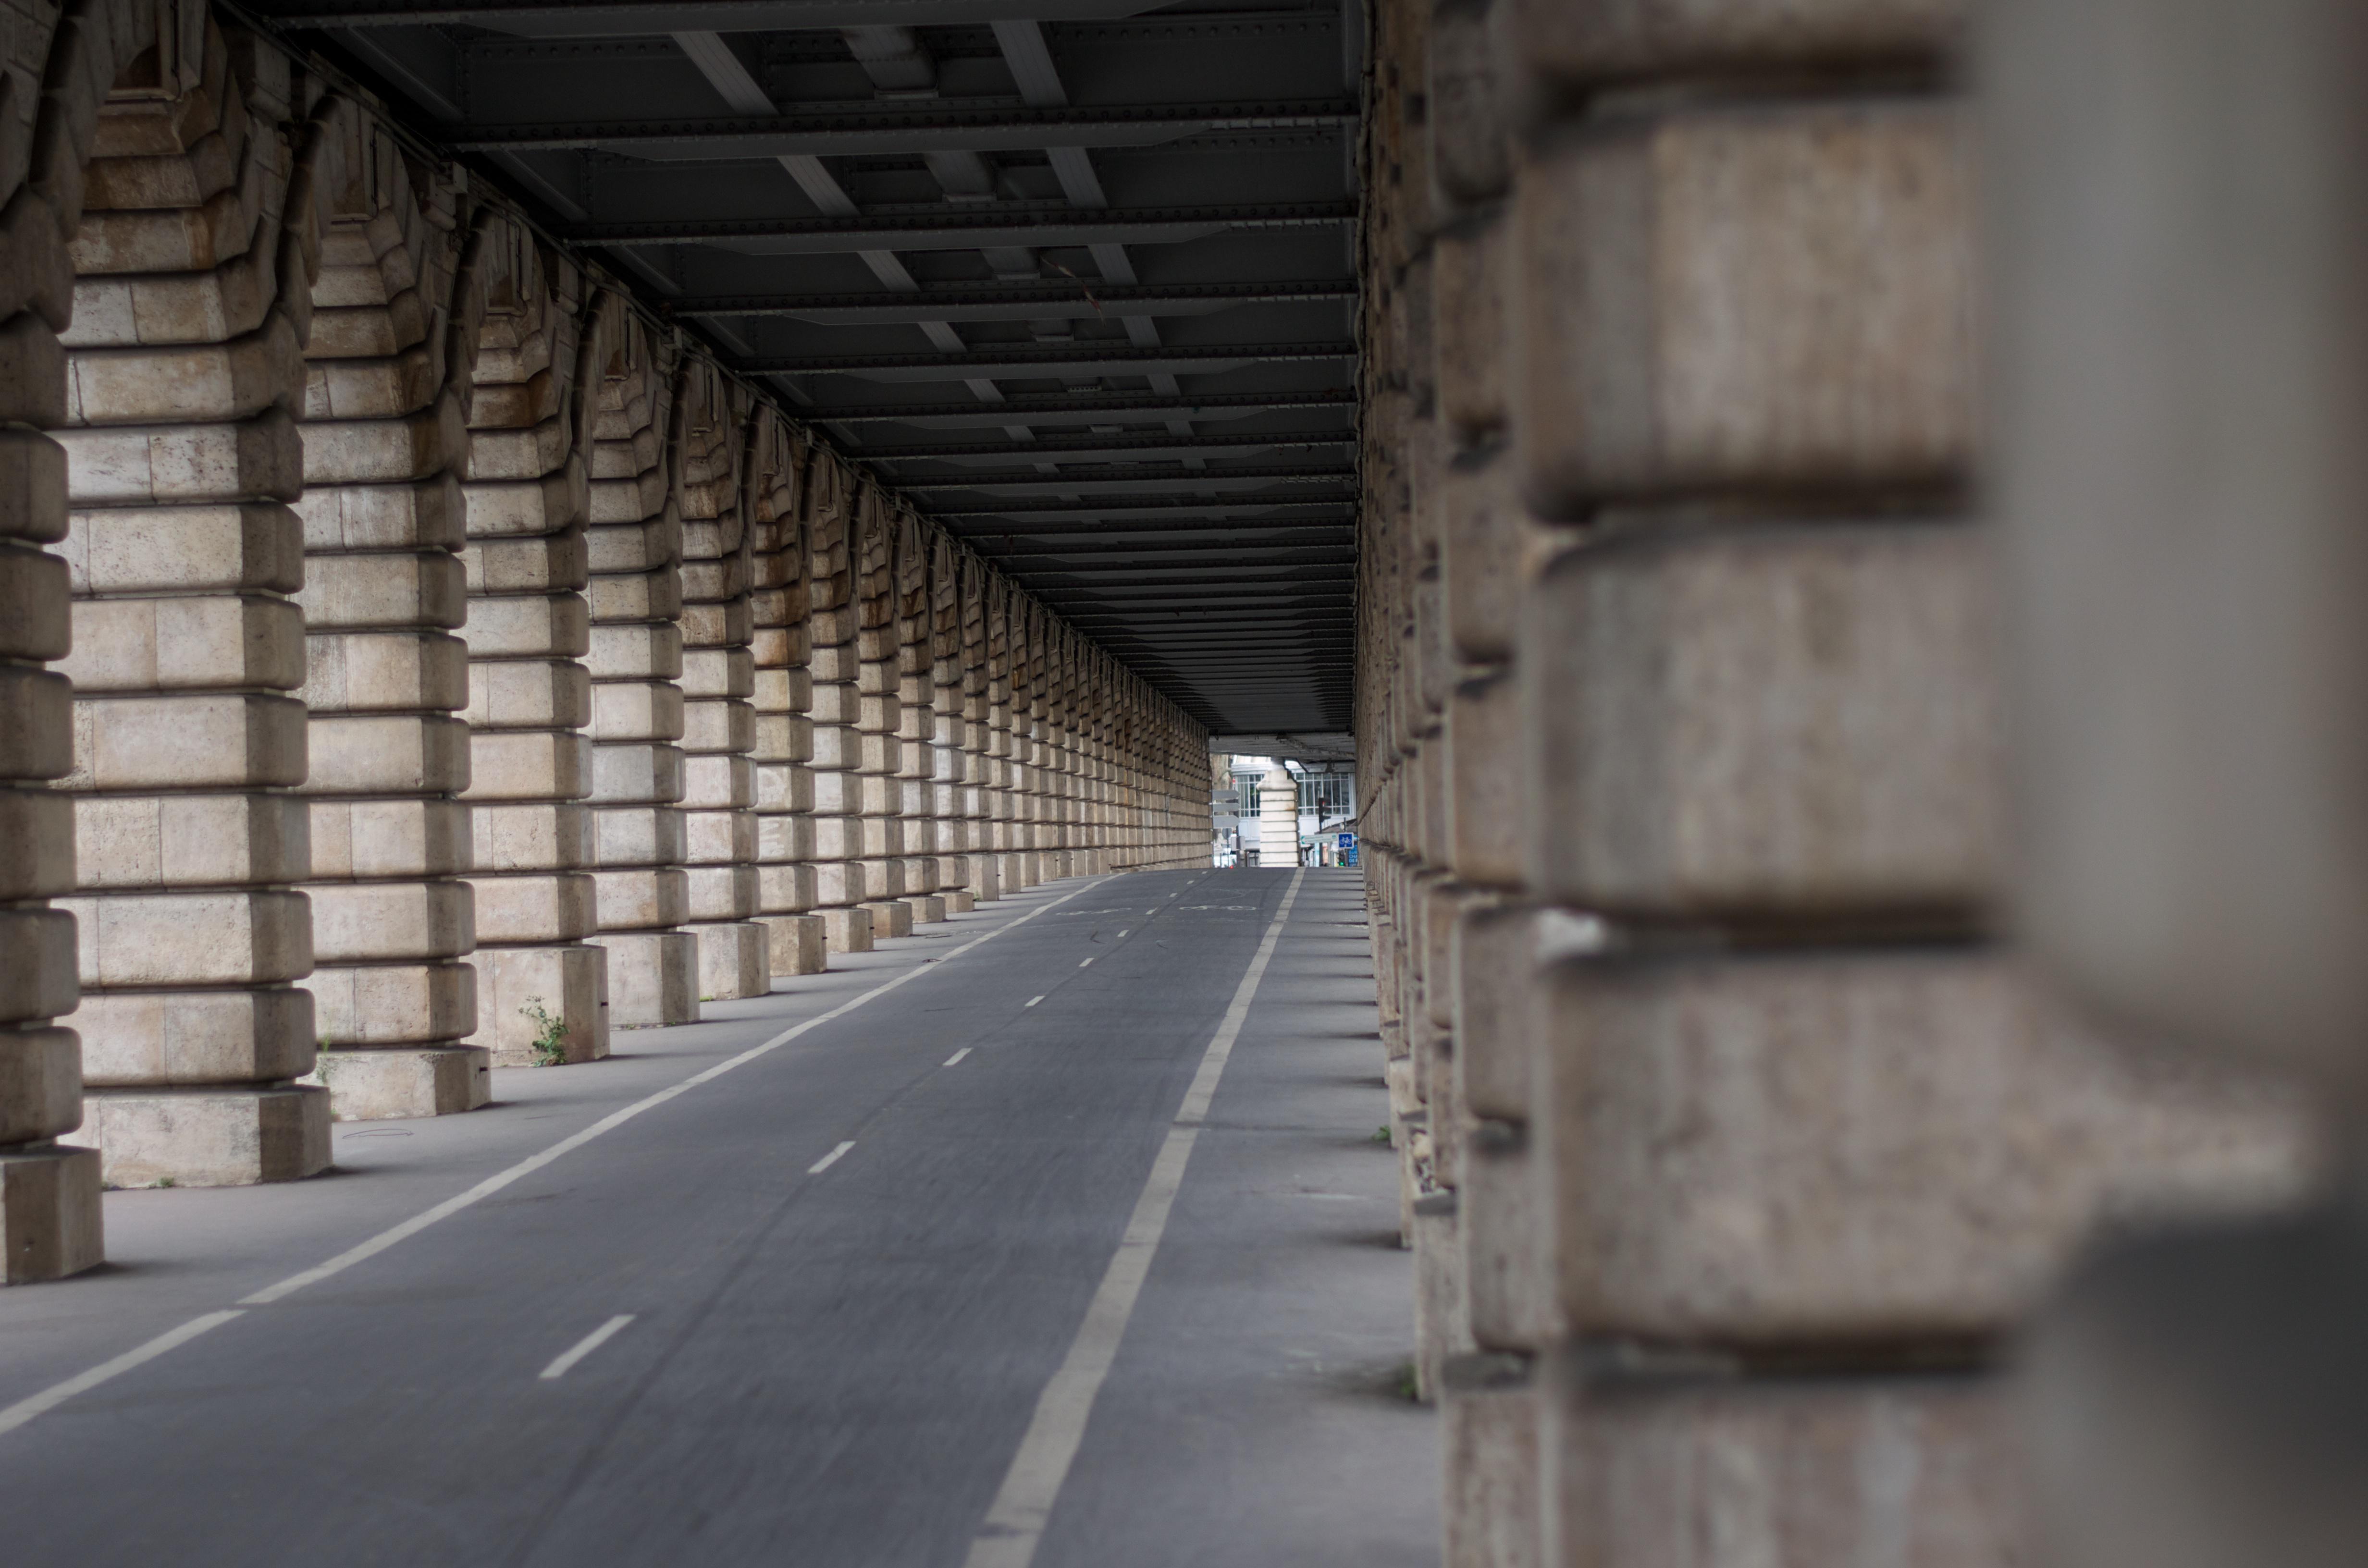 pont-de-bercy_14030266452_o